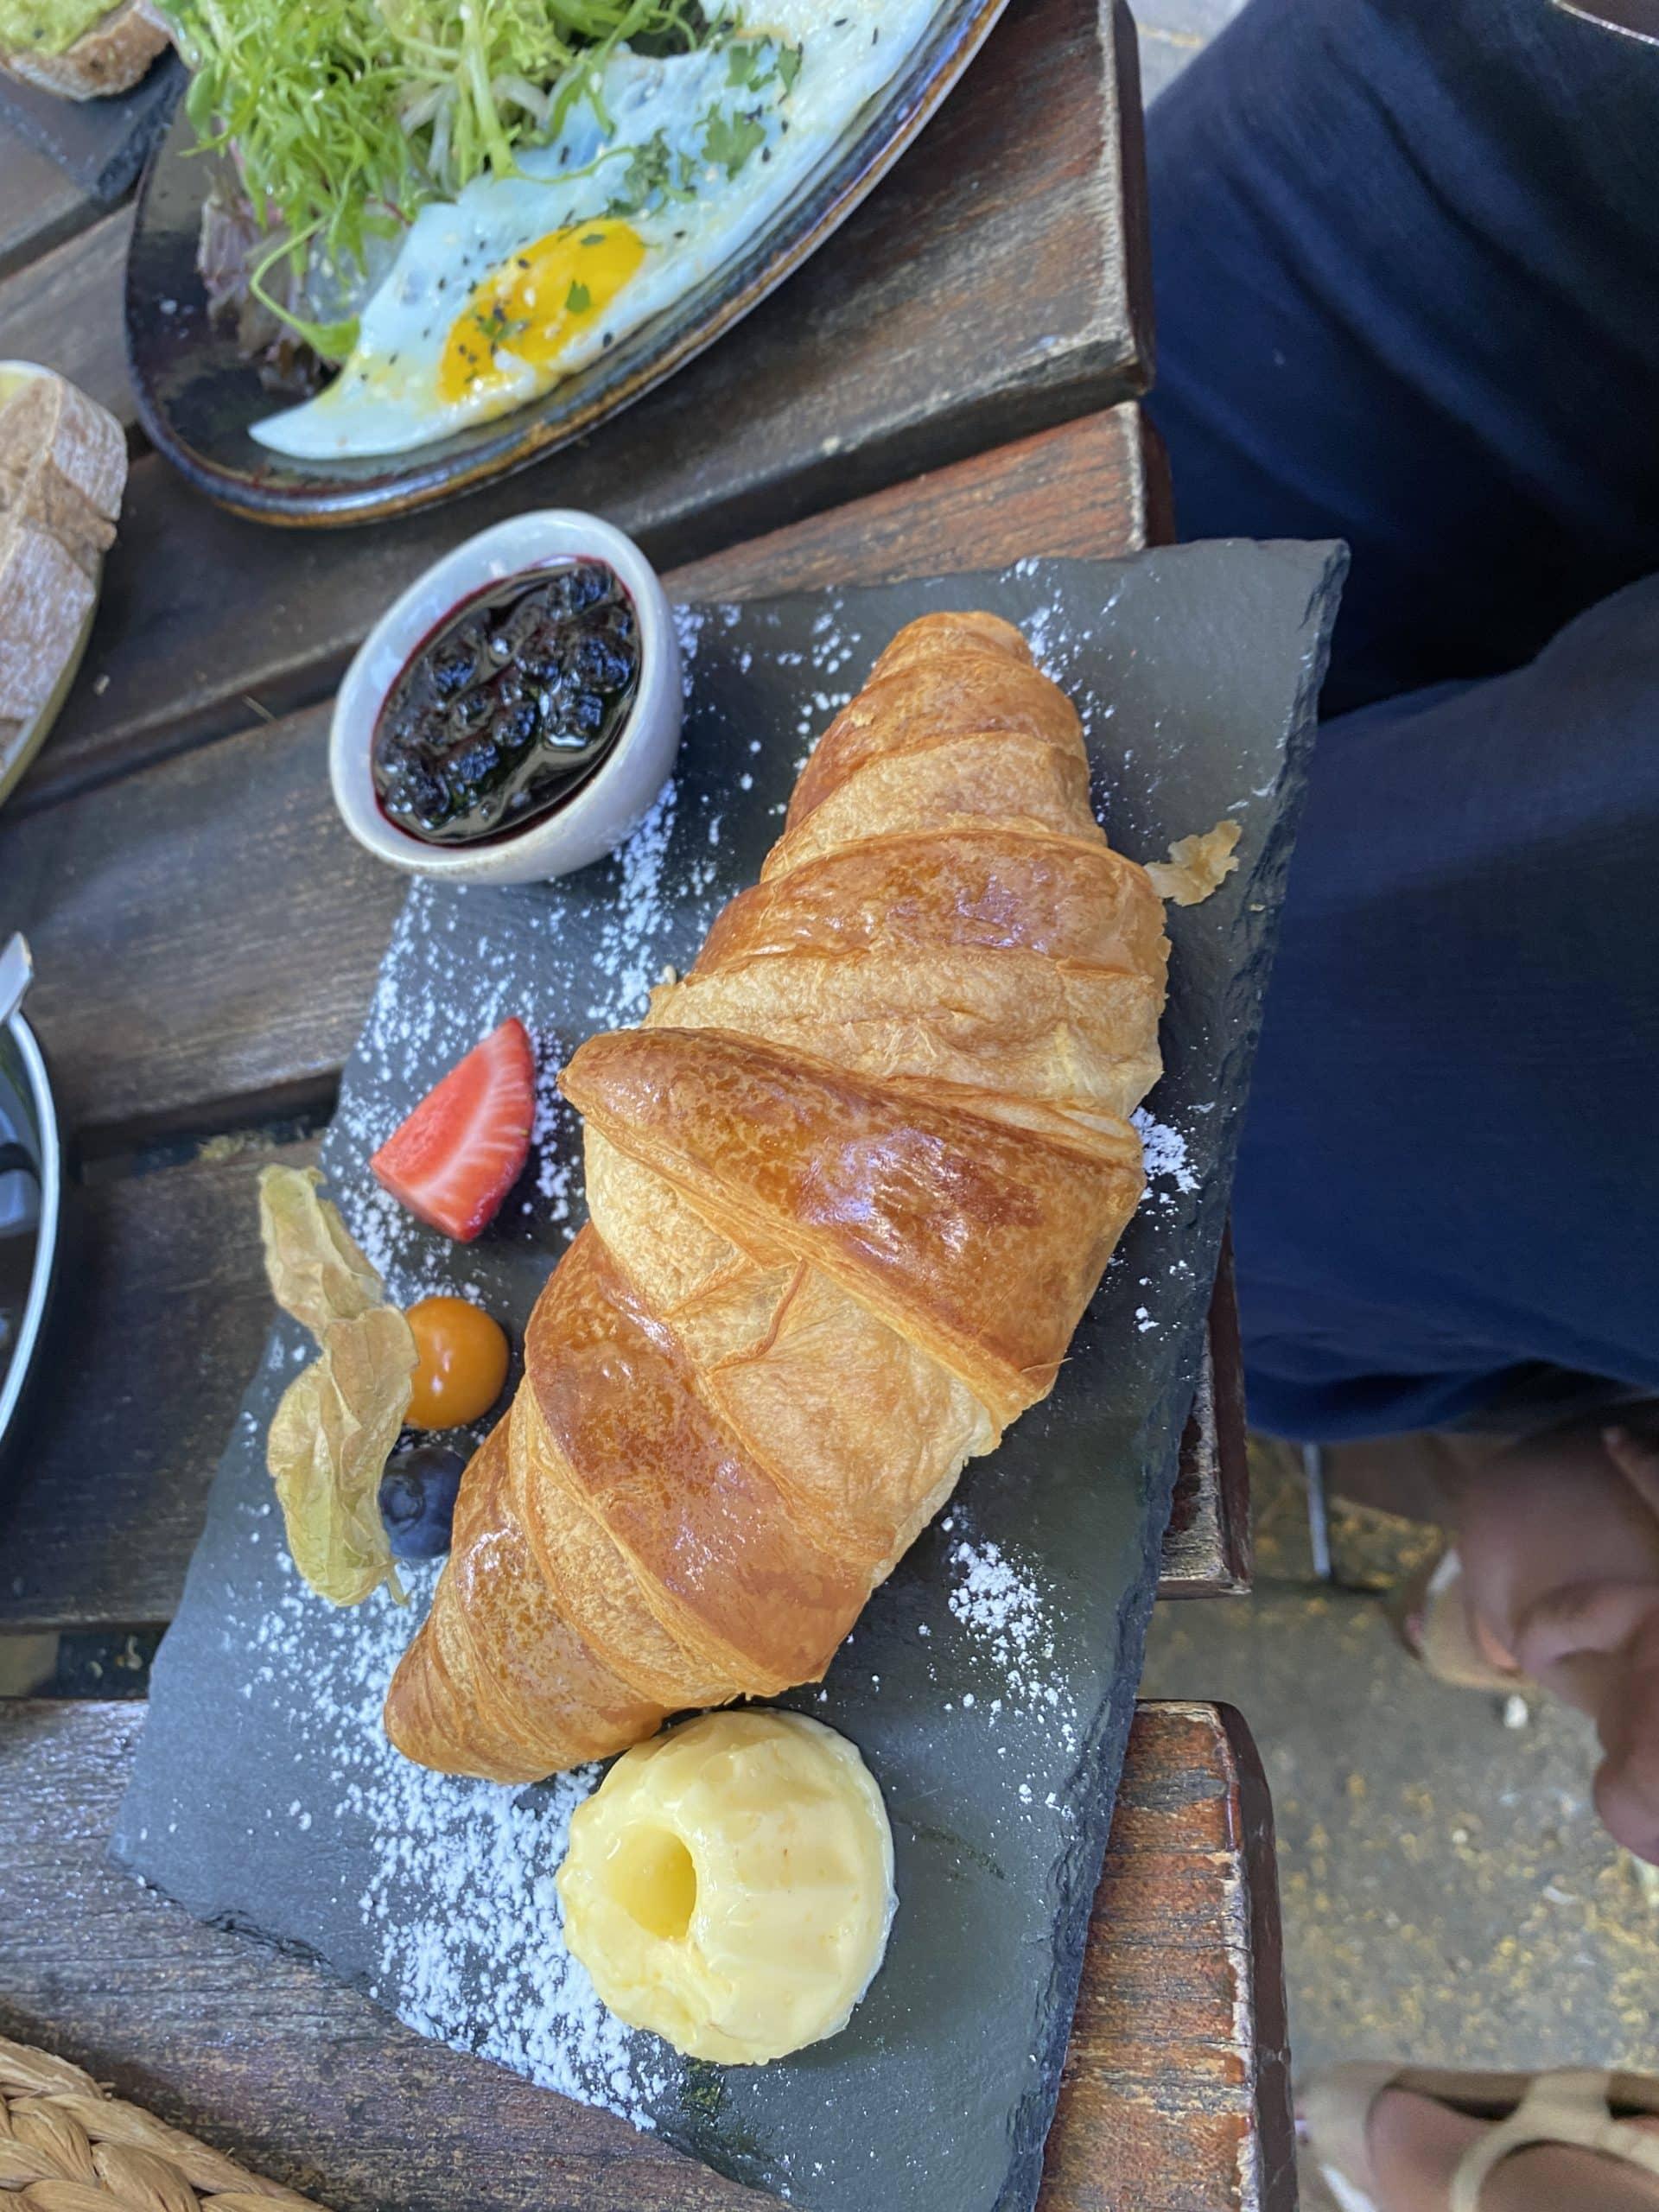 In Schöneberg frühstücken wir im Mattea (sehr empfehlenswert) draußen und treffen den Patenonkel der Jüngsten.